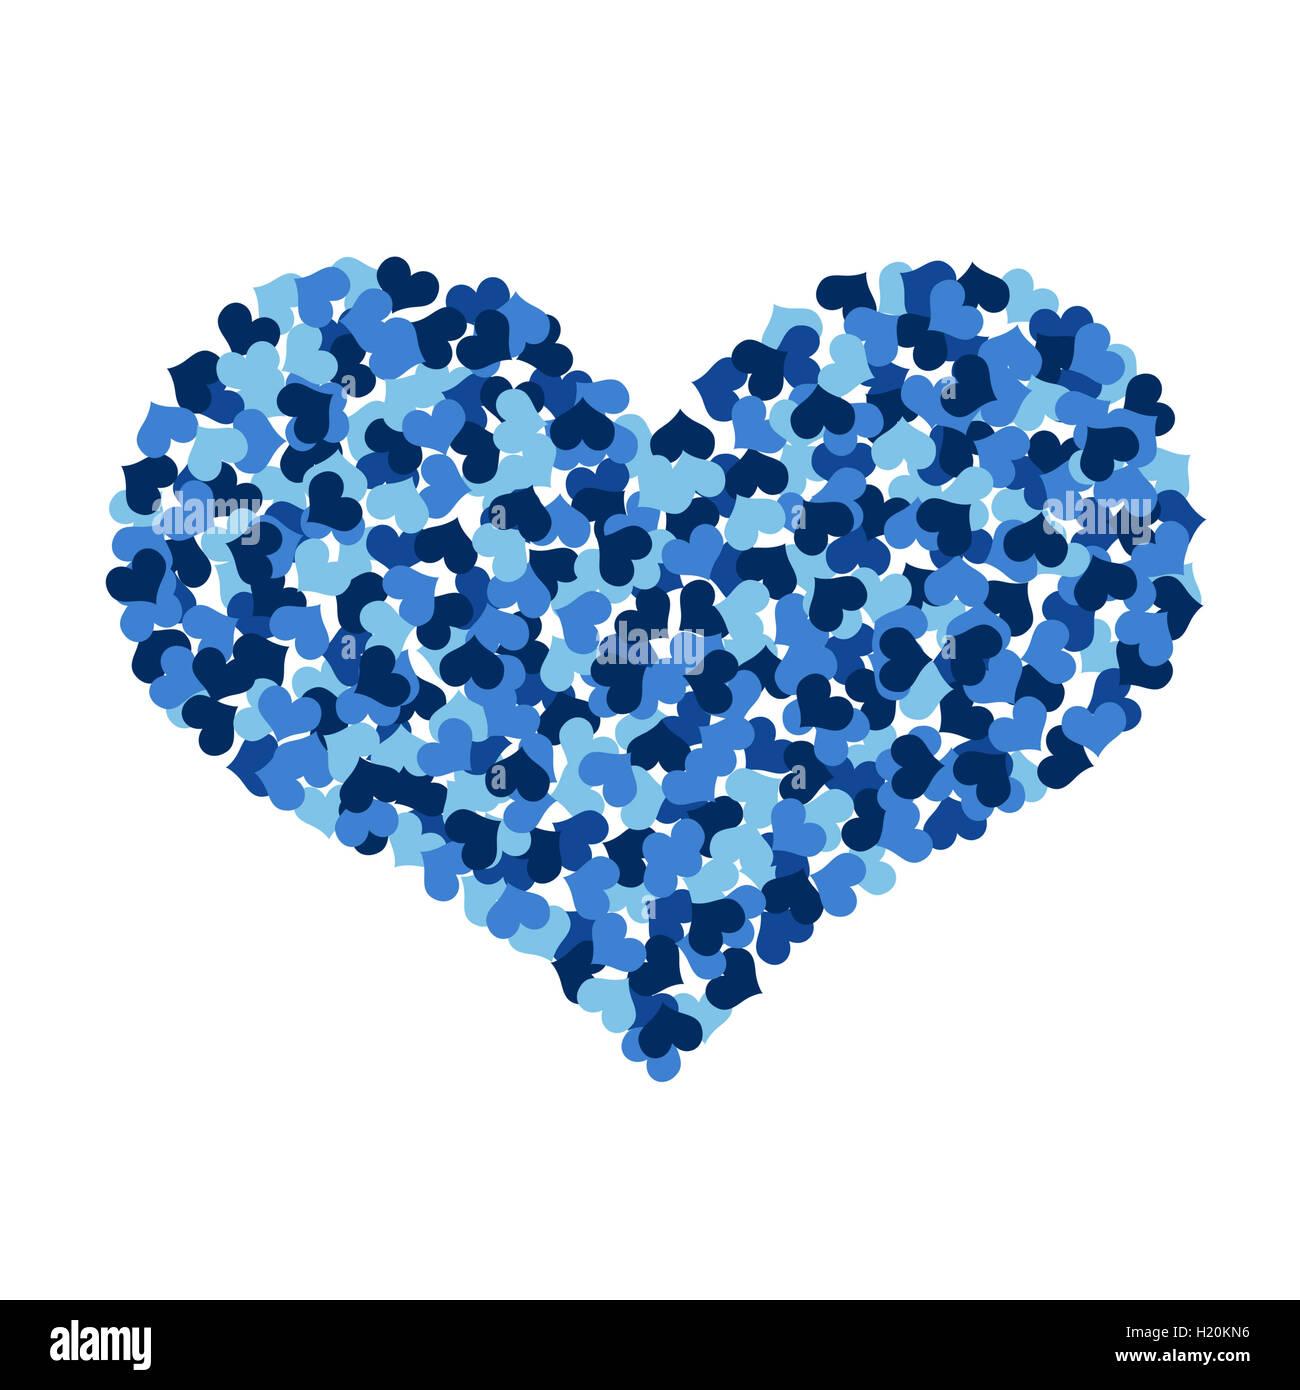 Gran Corazón Hecho γçïγçïup De Pequeños Corazones Foto Imagen De